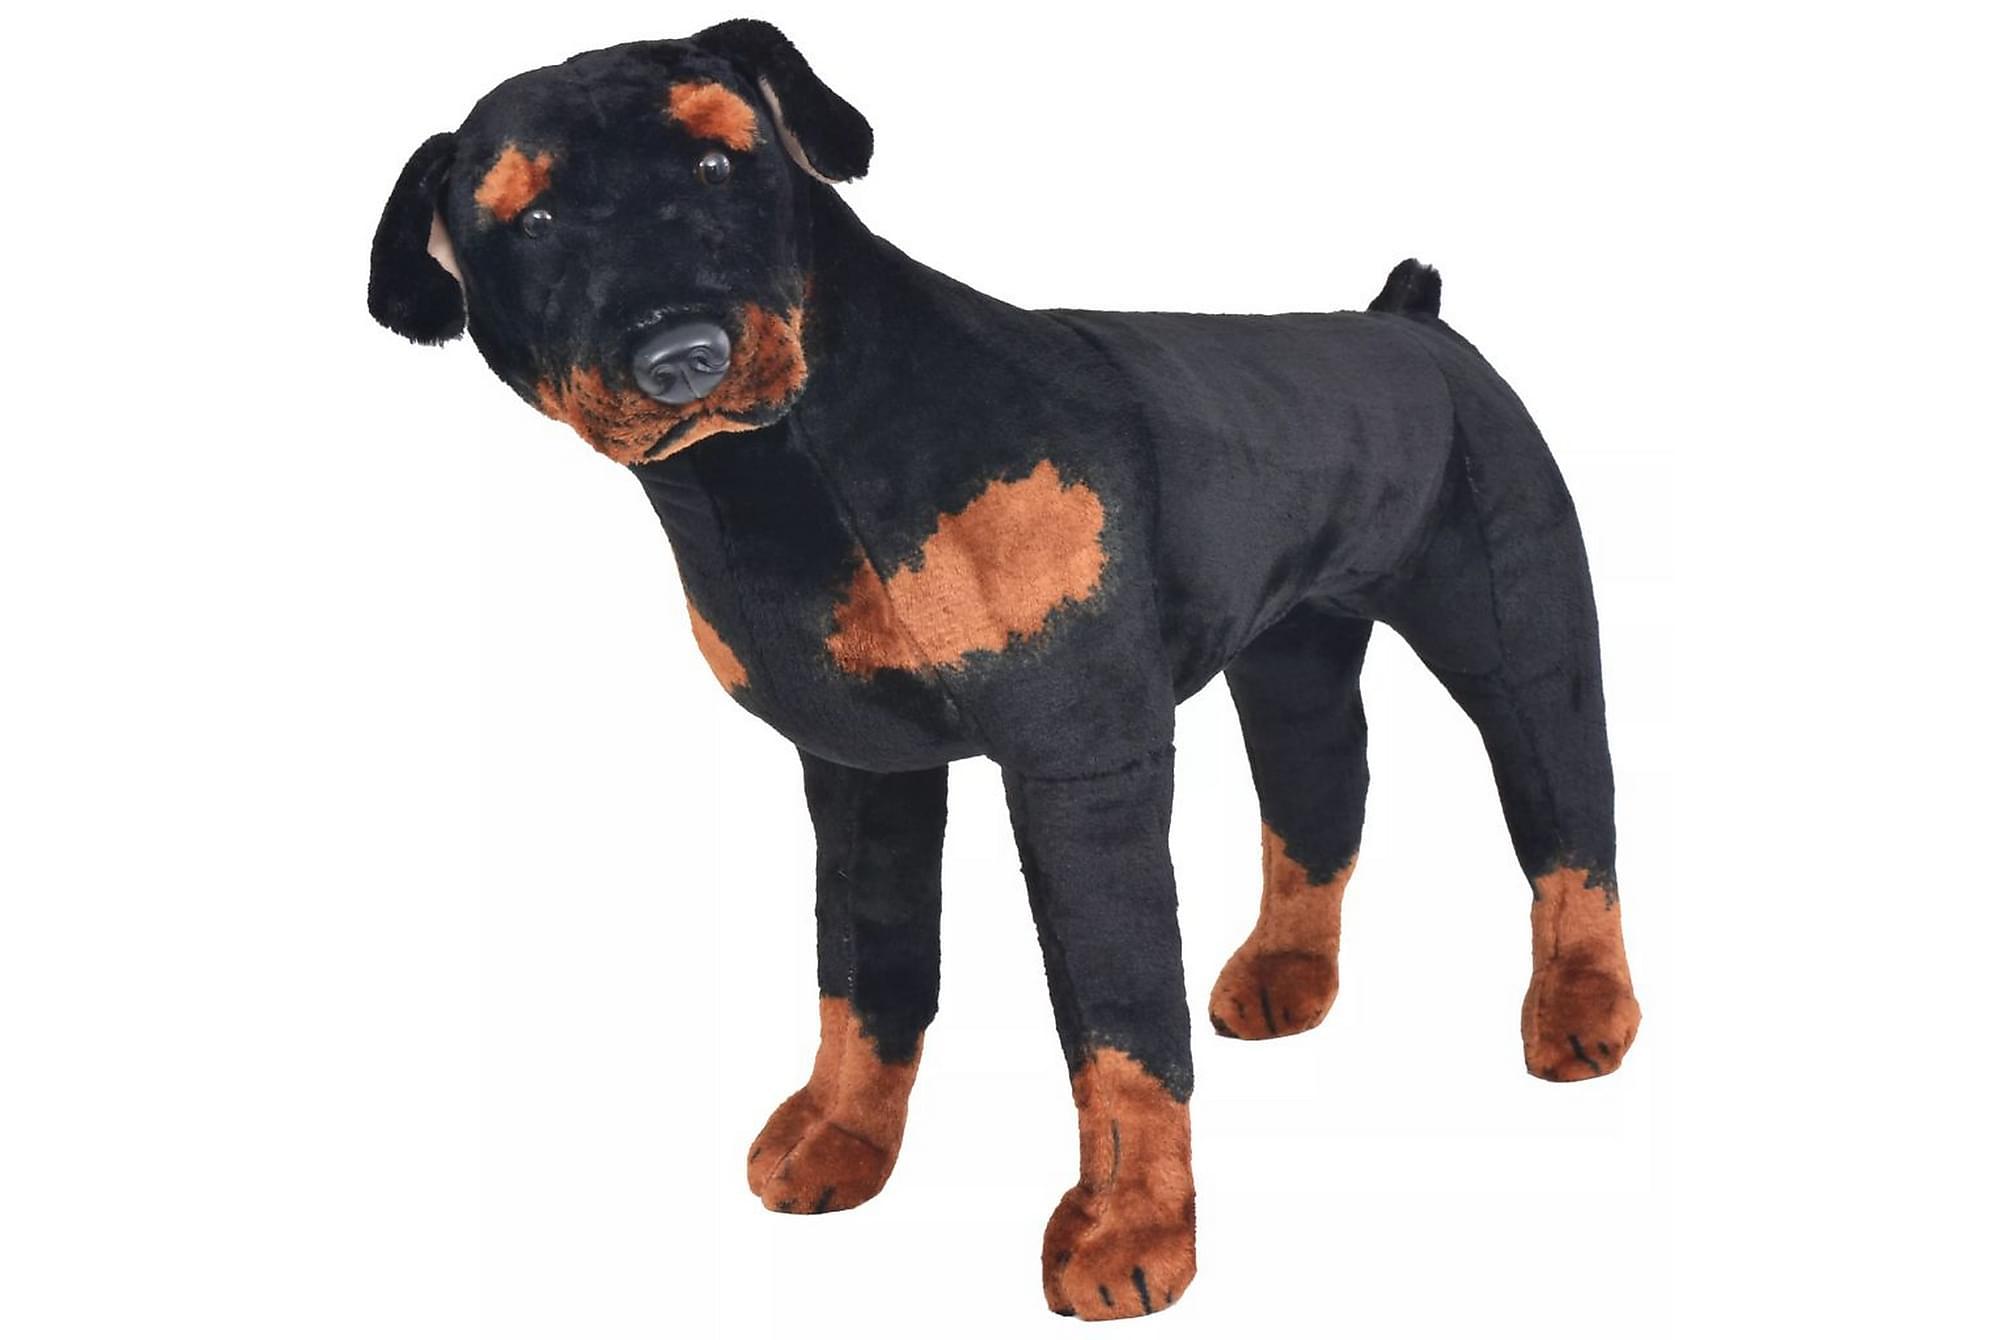 Stående leksakshund rottweiler plysch svart och brun XXL